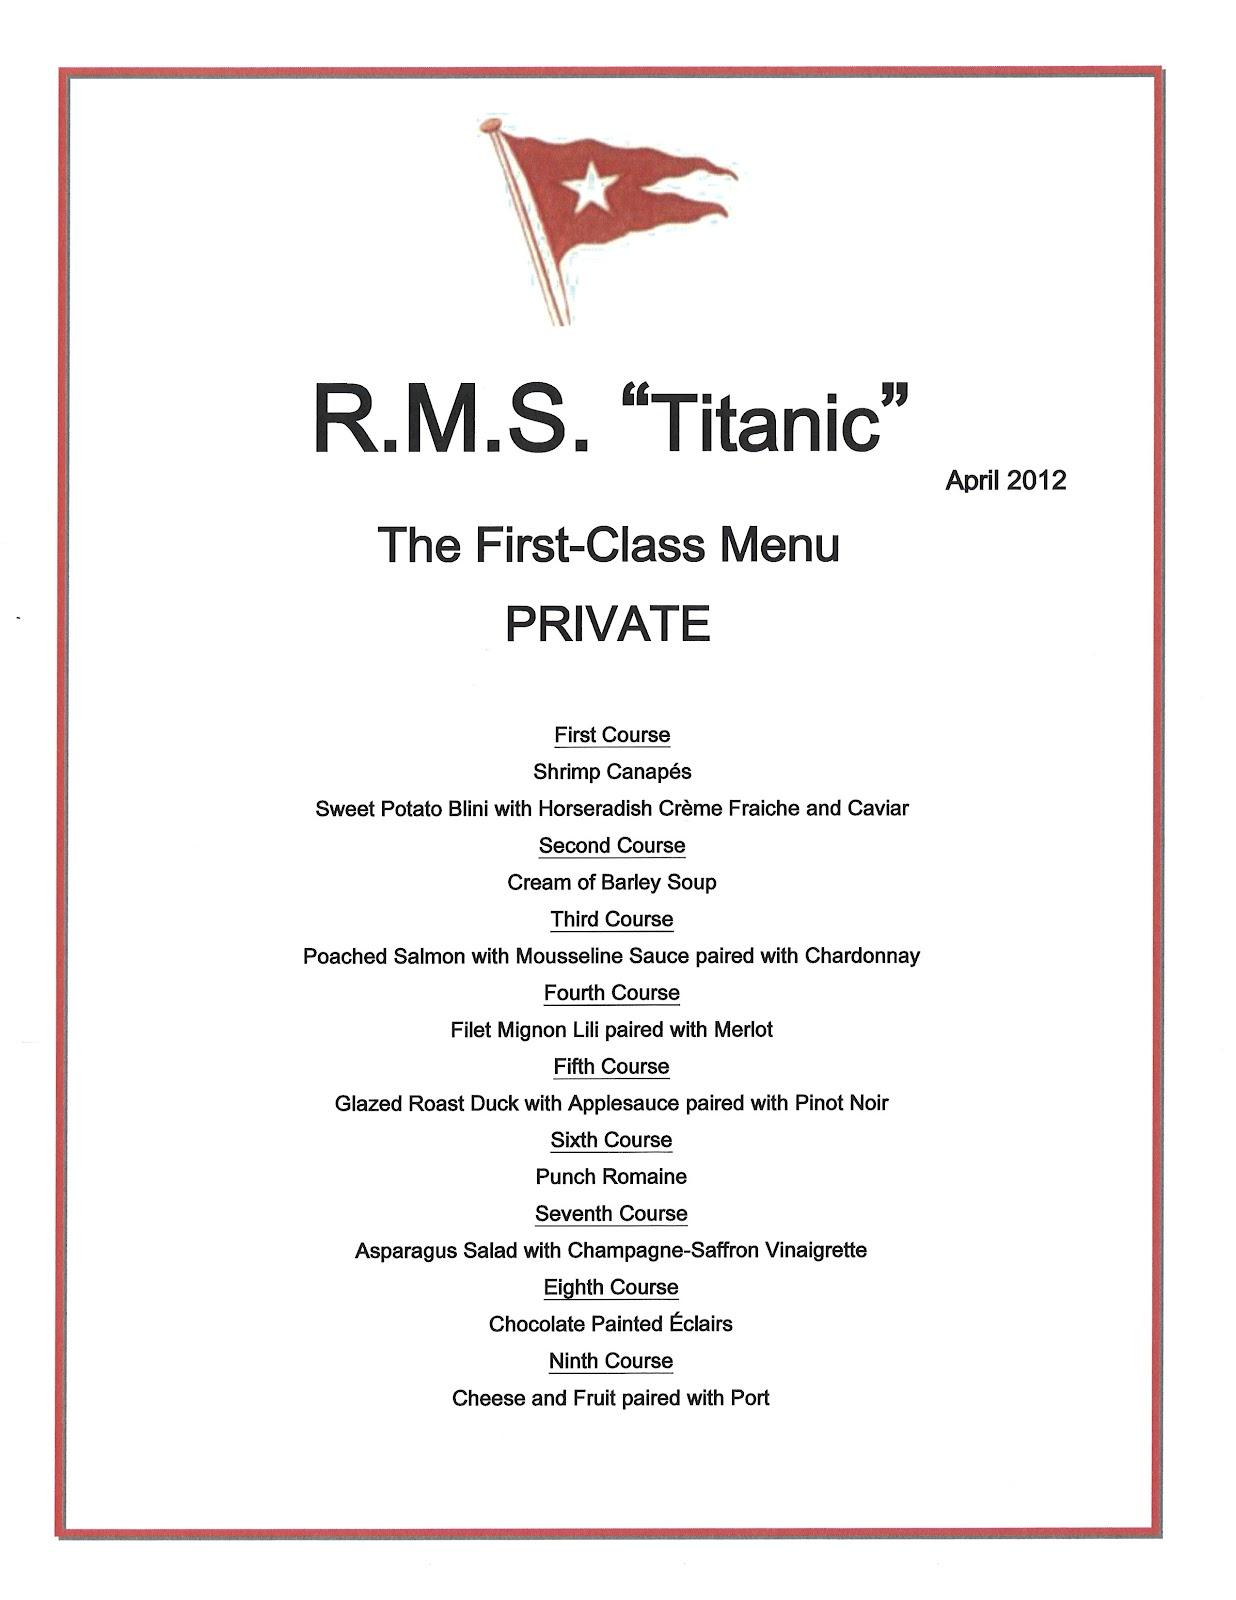 Titanic Third Class Menu Le 100 200 Me Anniversaire Du Naufrage Du Titanic Le 15 Avril